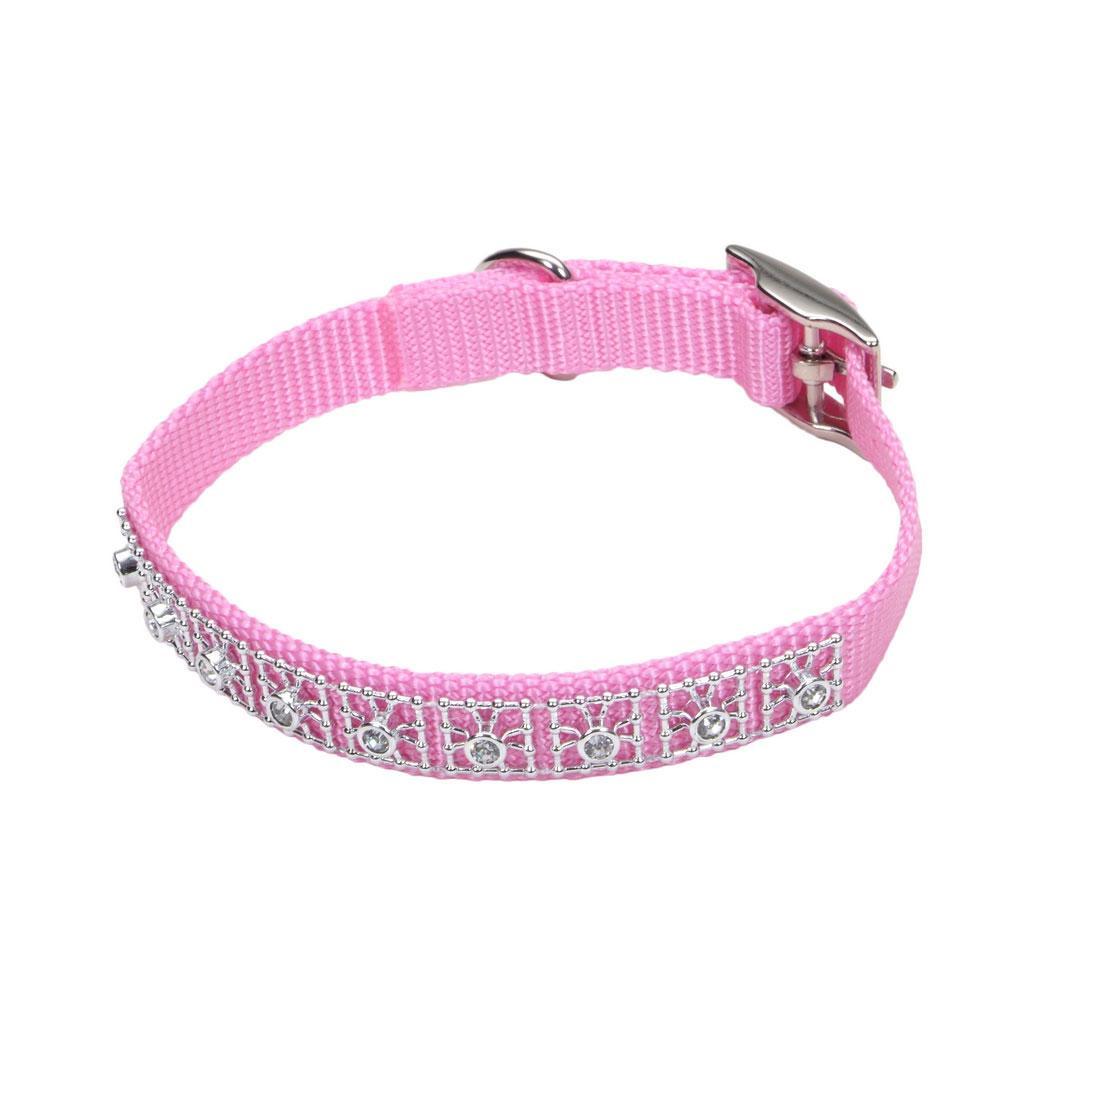 Coastal Jeweled Dog Collar, Pink Bright, 3/8-in x 10-in